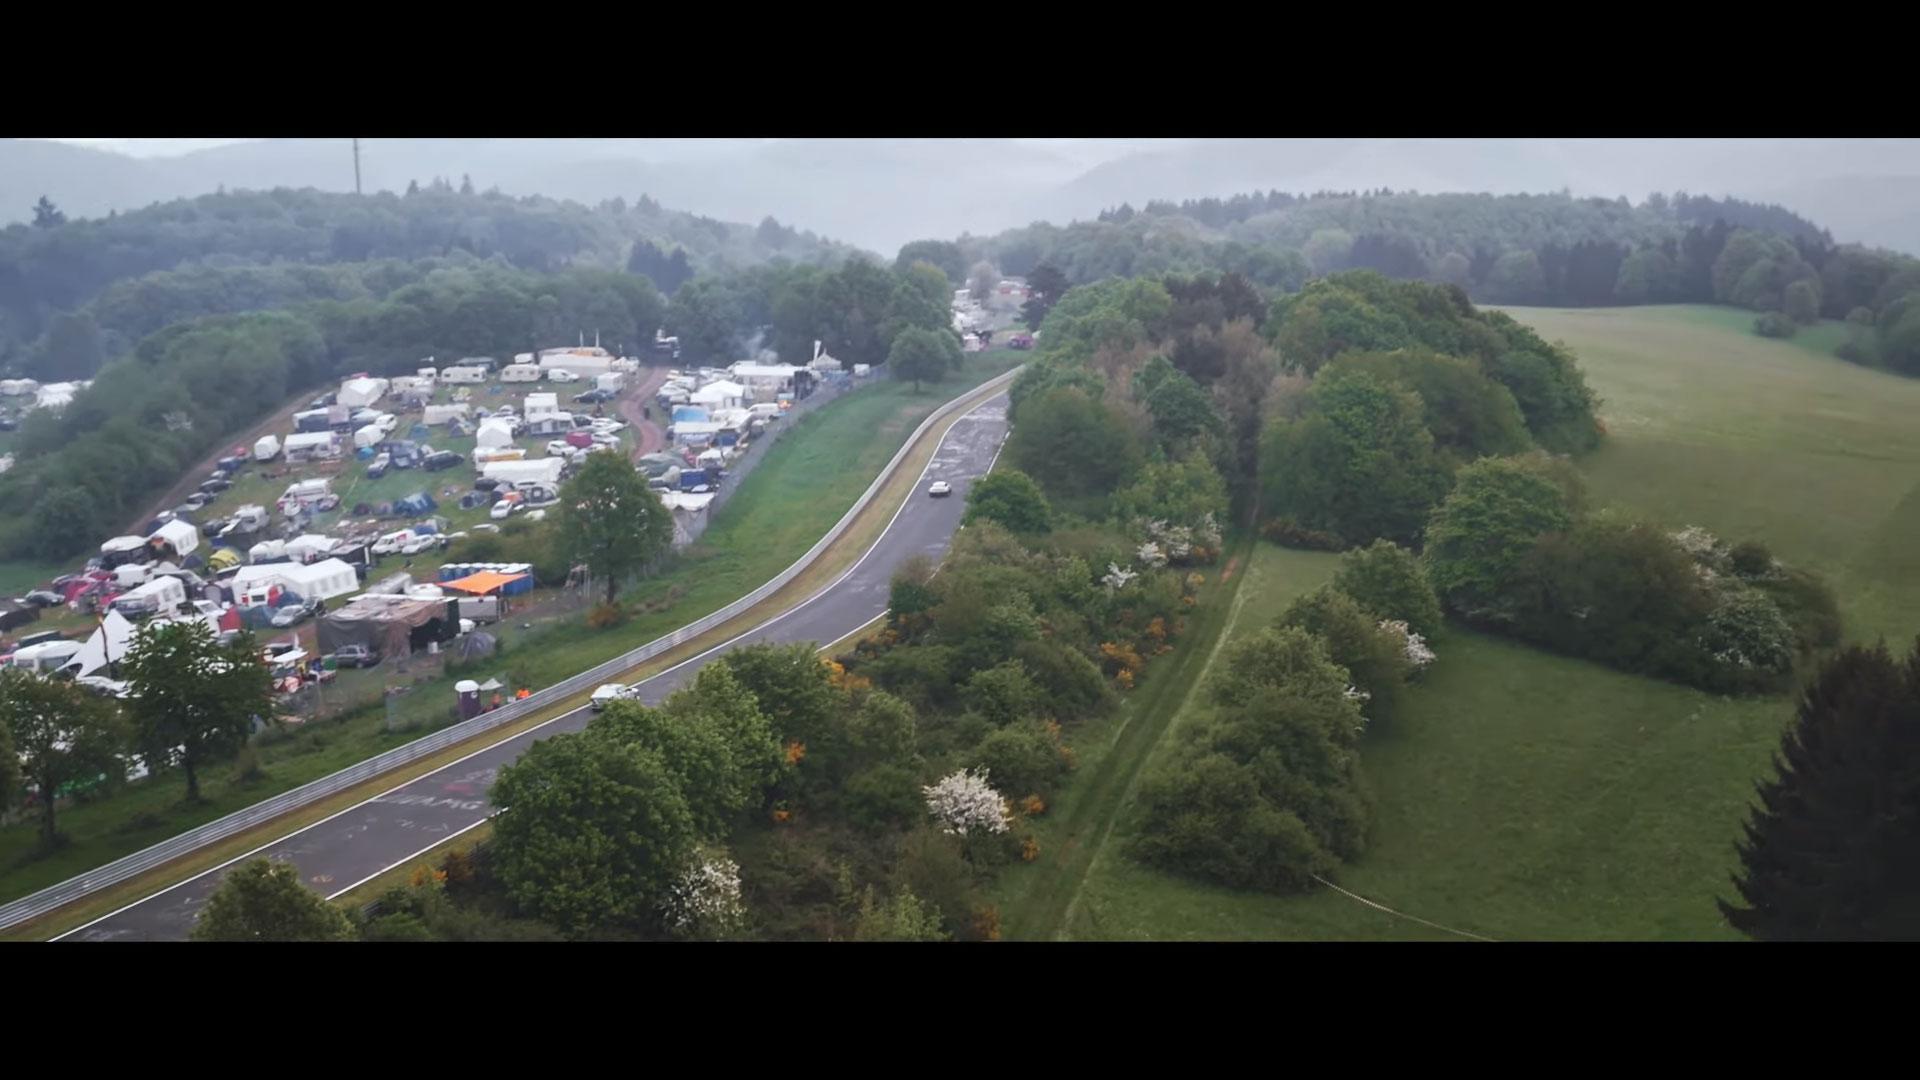 Nurburgring Gran Turismo Docu